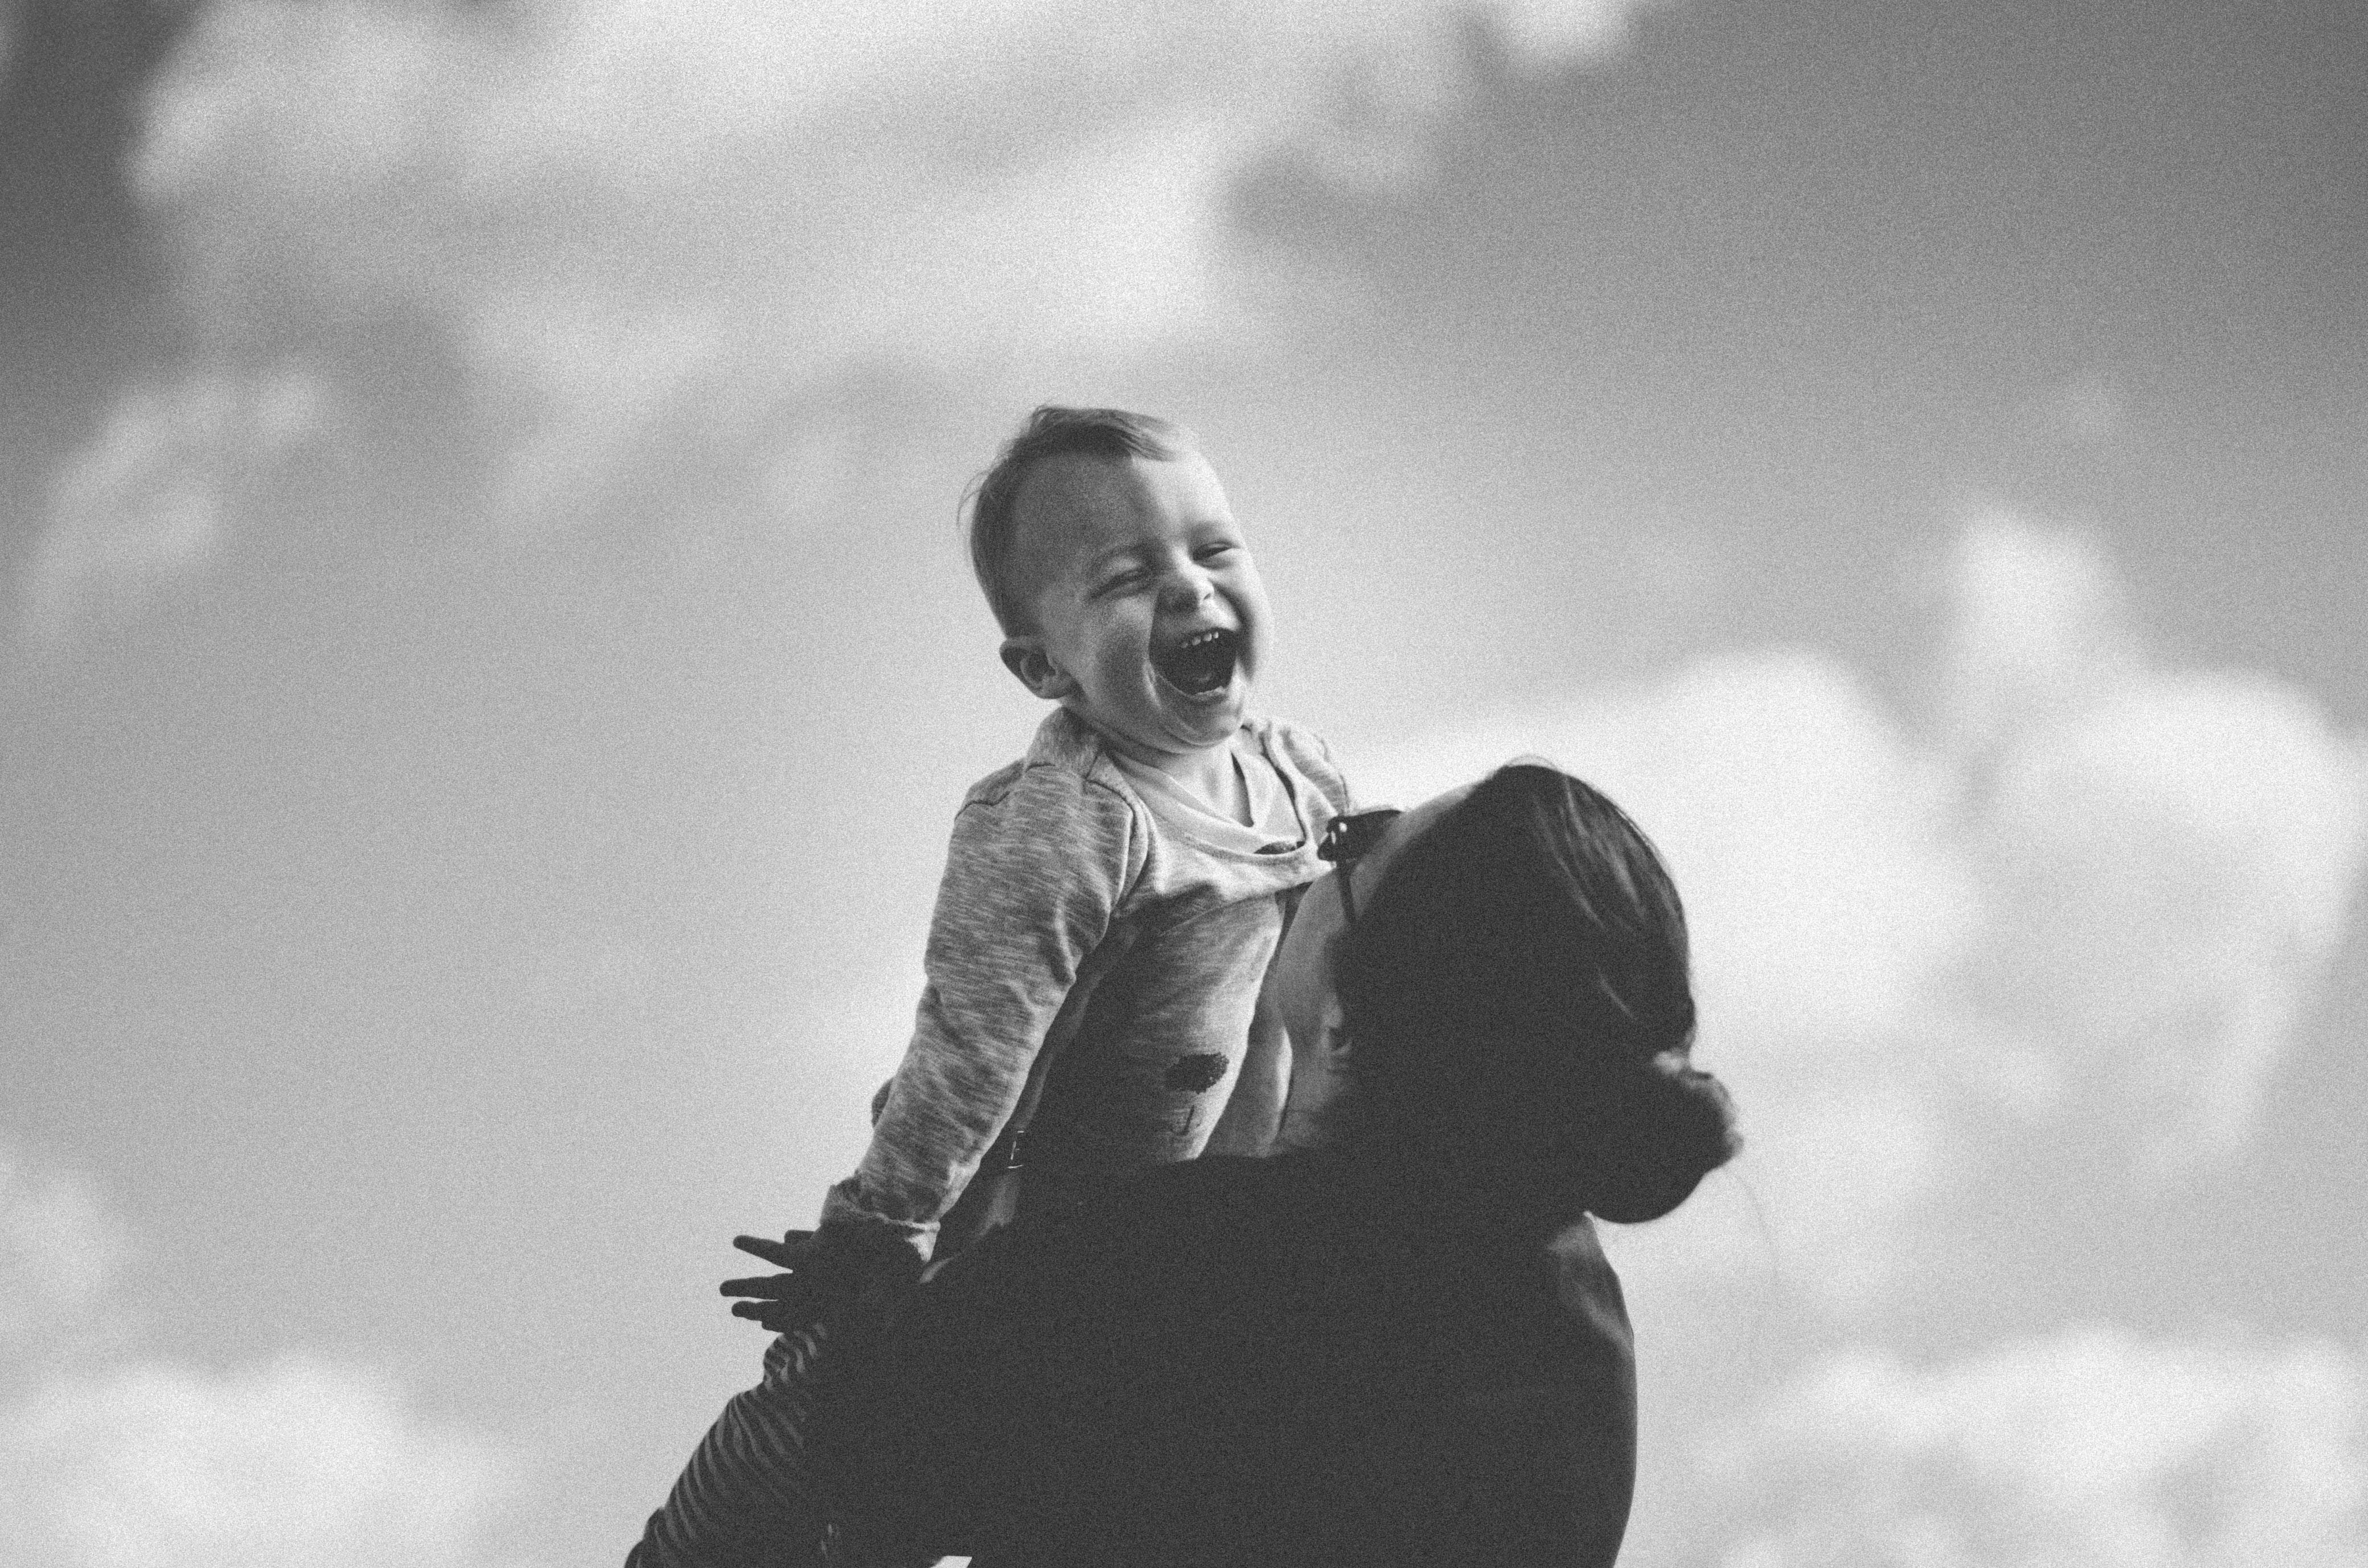 Dokumentarische-Familienfotos-draussen